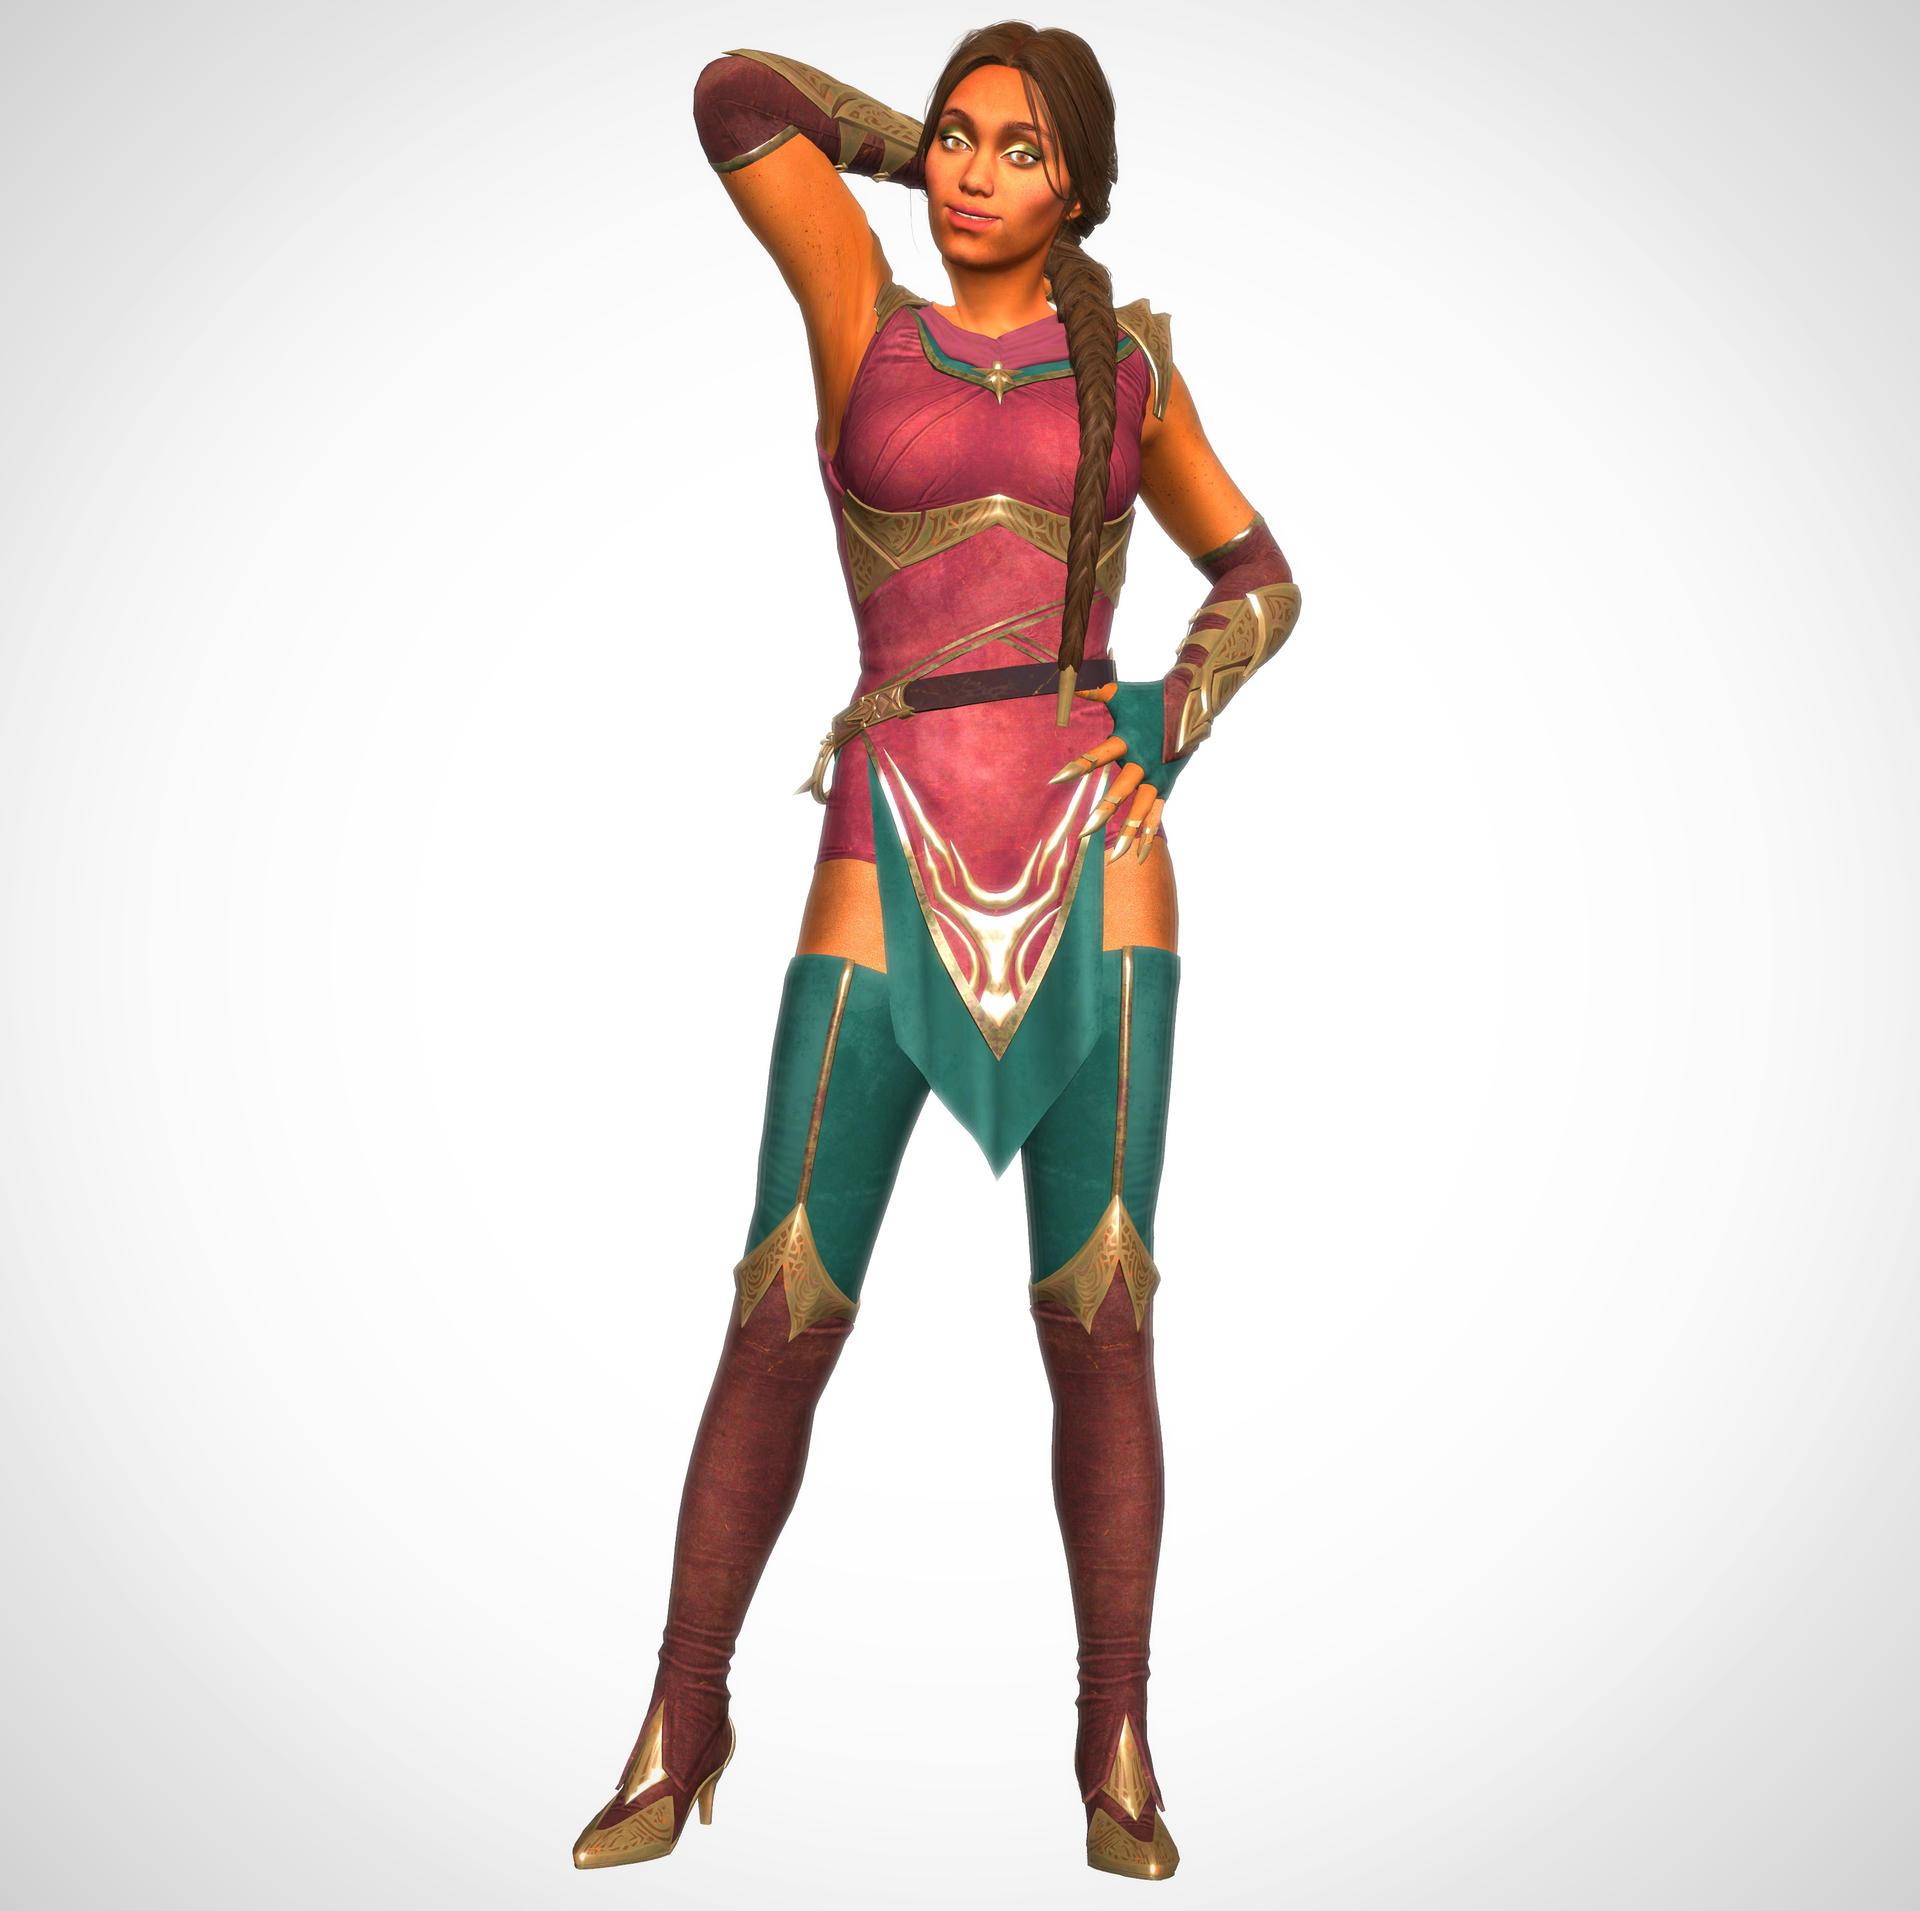 Mortal Kombat 11 Jade By Melaverie On Deviantart